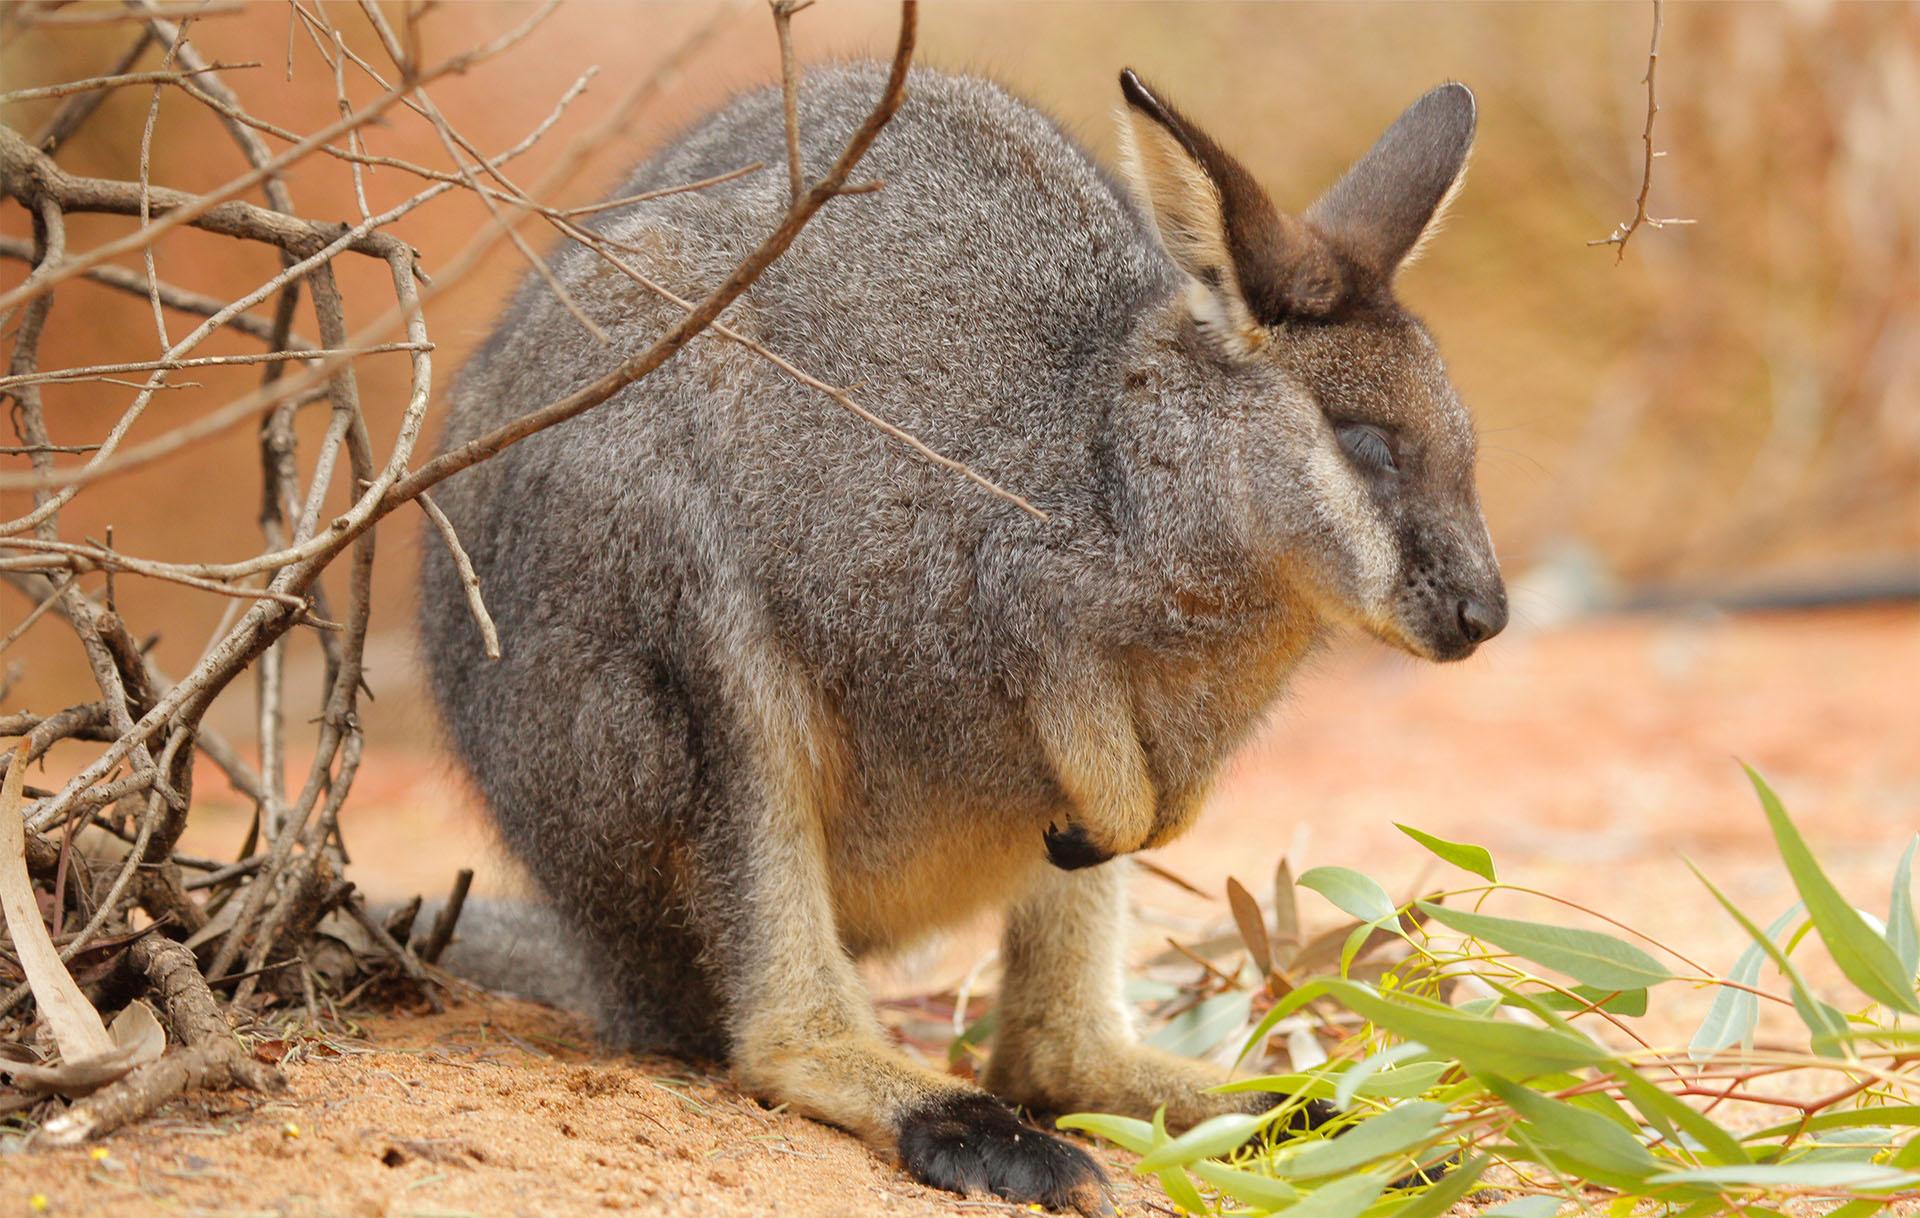 Image Credit: Perth Zoo